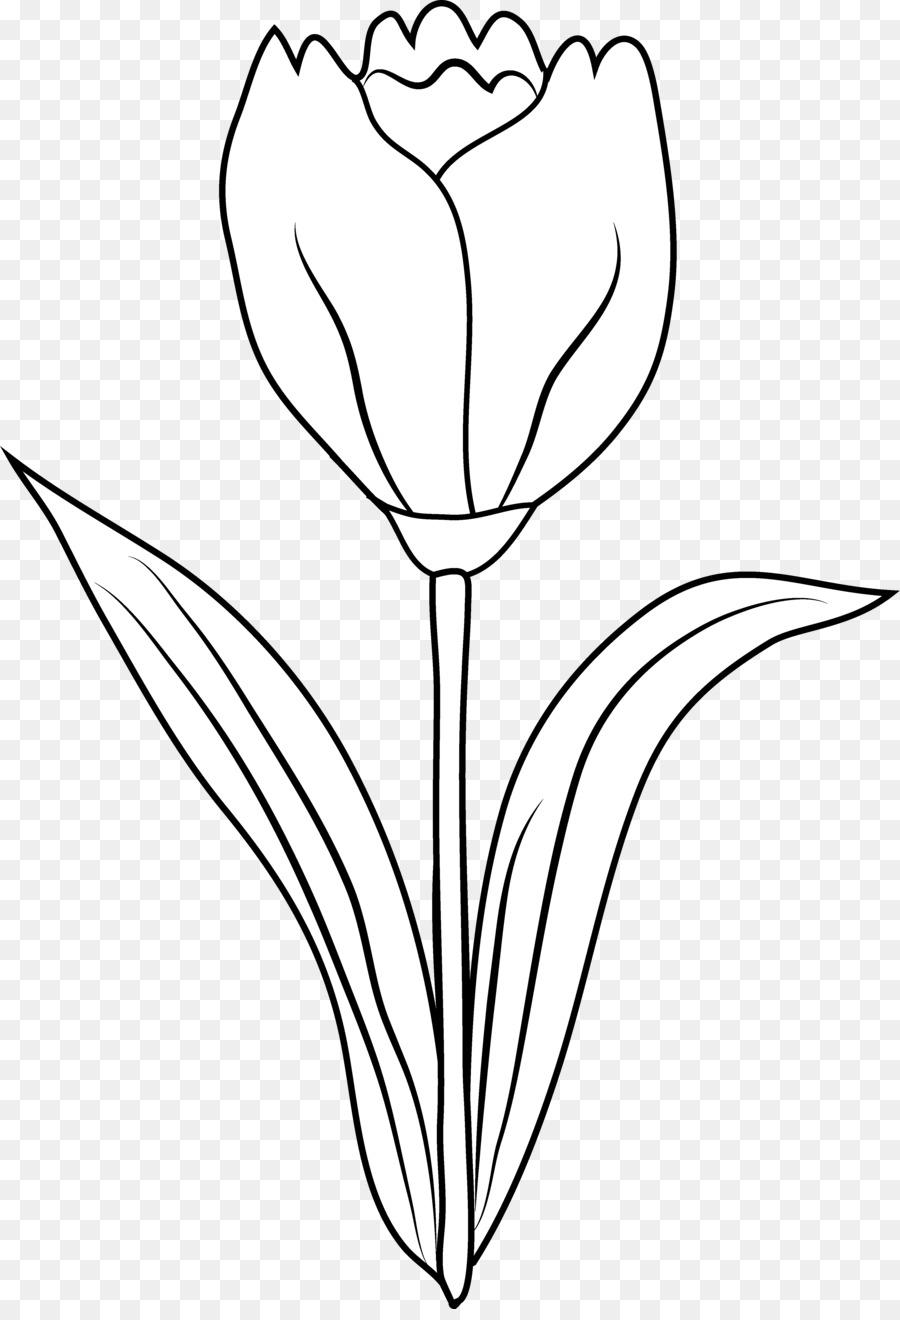 Tulip Hitam Dan Putih Gambar Gambar Png